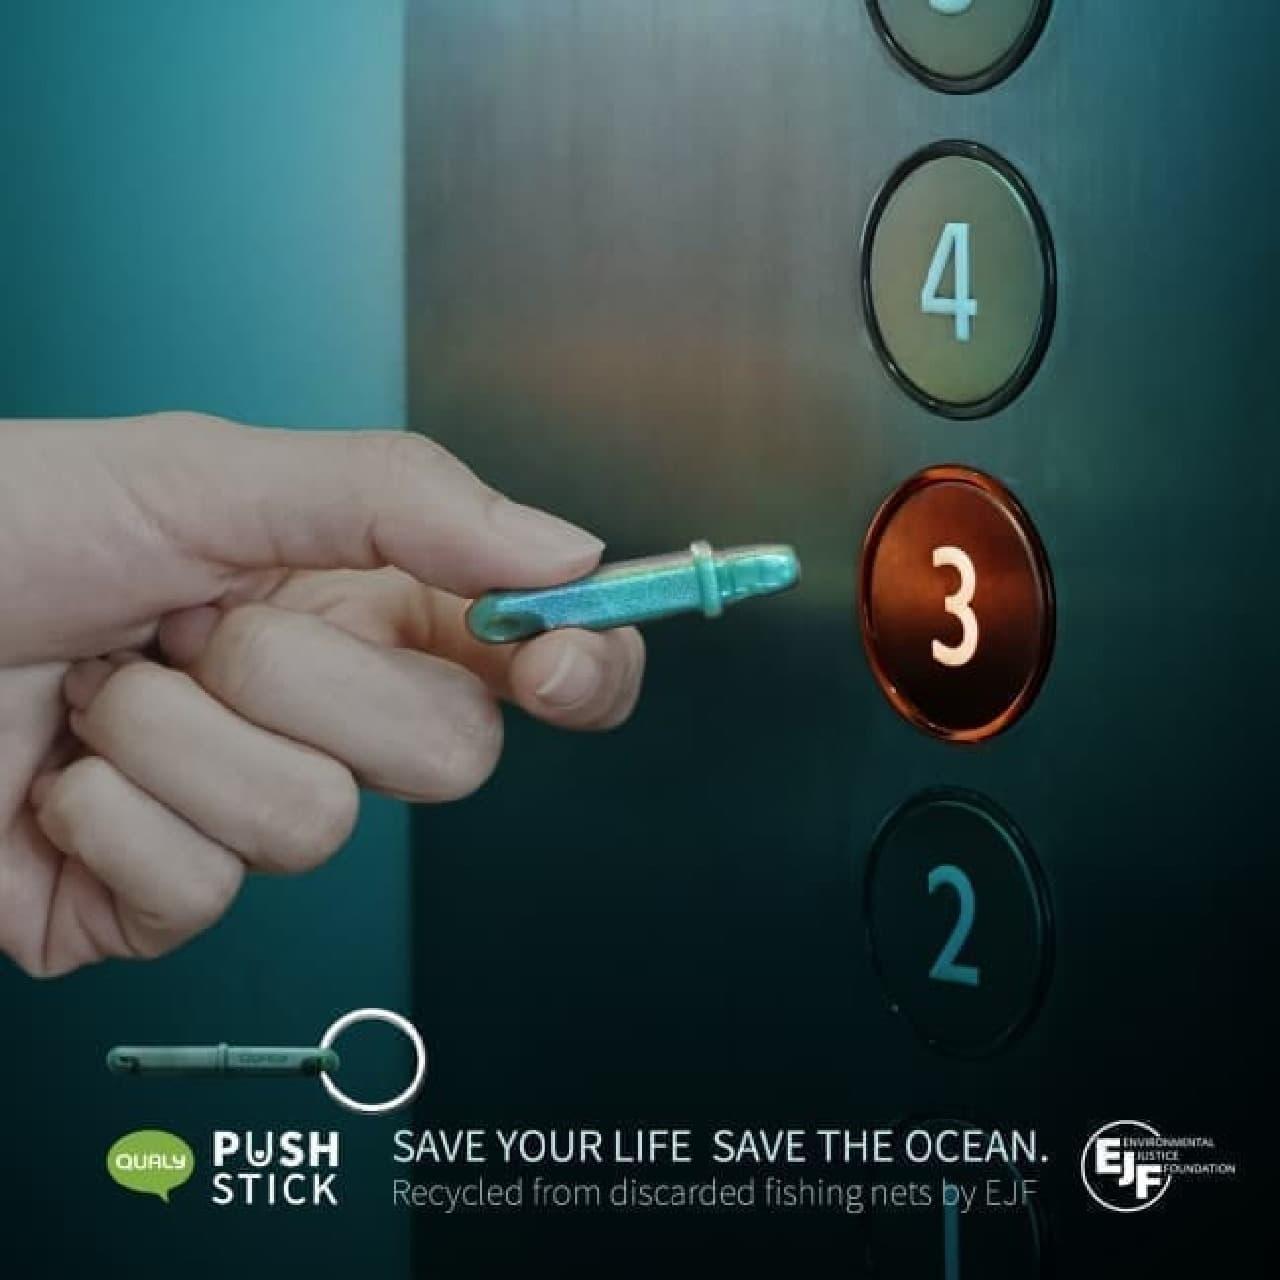 エレベーターのボタンやタッチパネル用「プッシュスティック」など -- ロフトが除菌や非接触グッズの品ぞろえを拡大